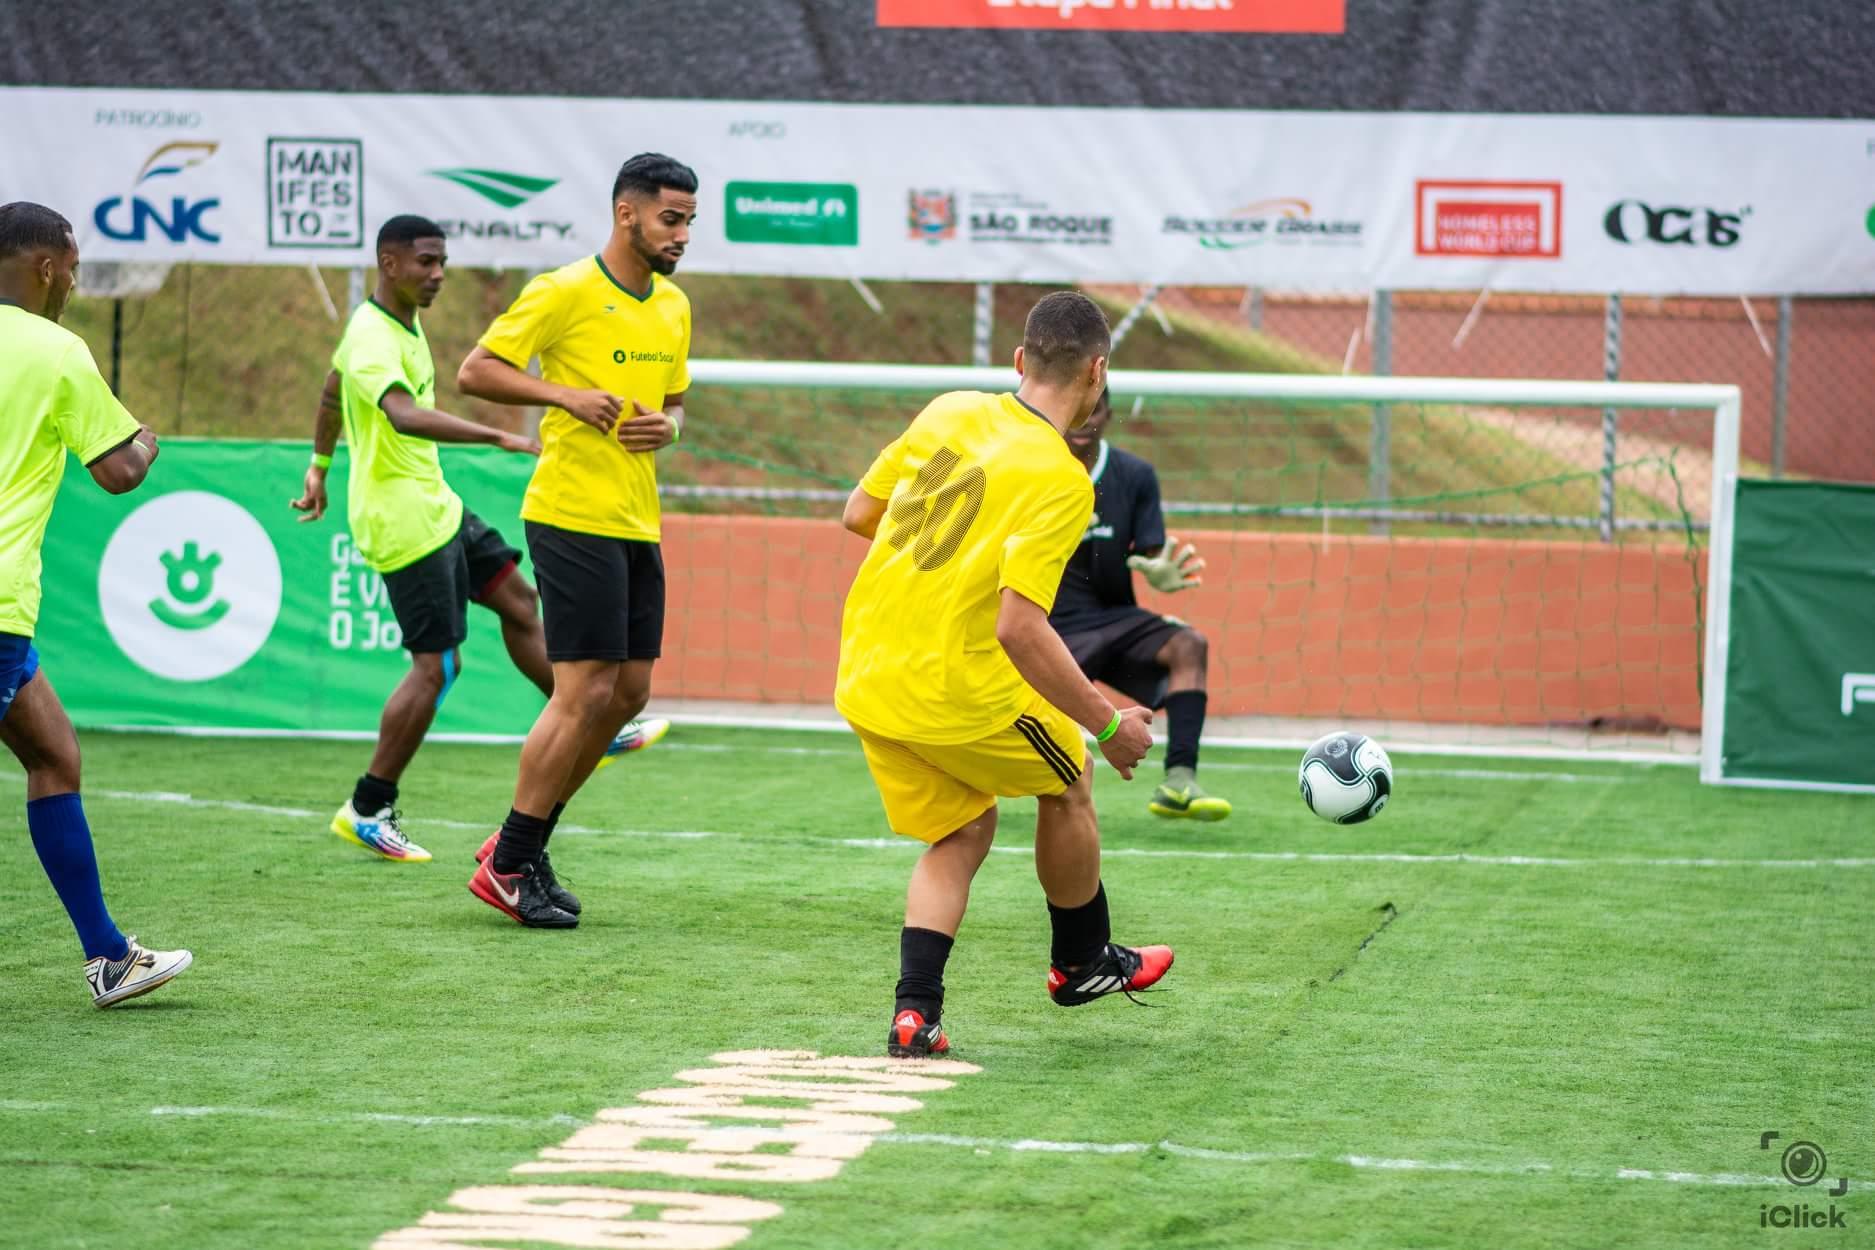 af9974a20d Futebol Social  seleção brasileira se reúne em São Roque (SP) para fase  final de treinamentos – Surgiu